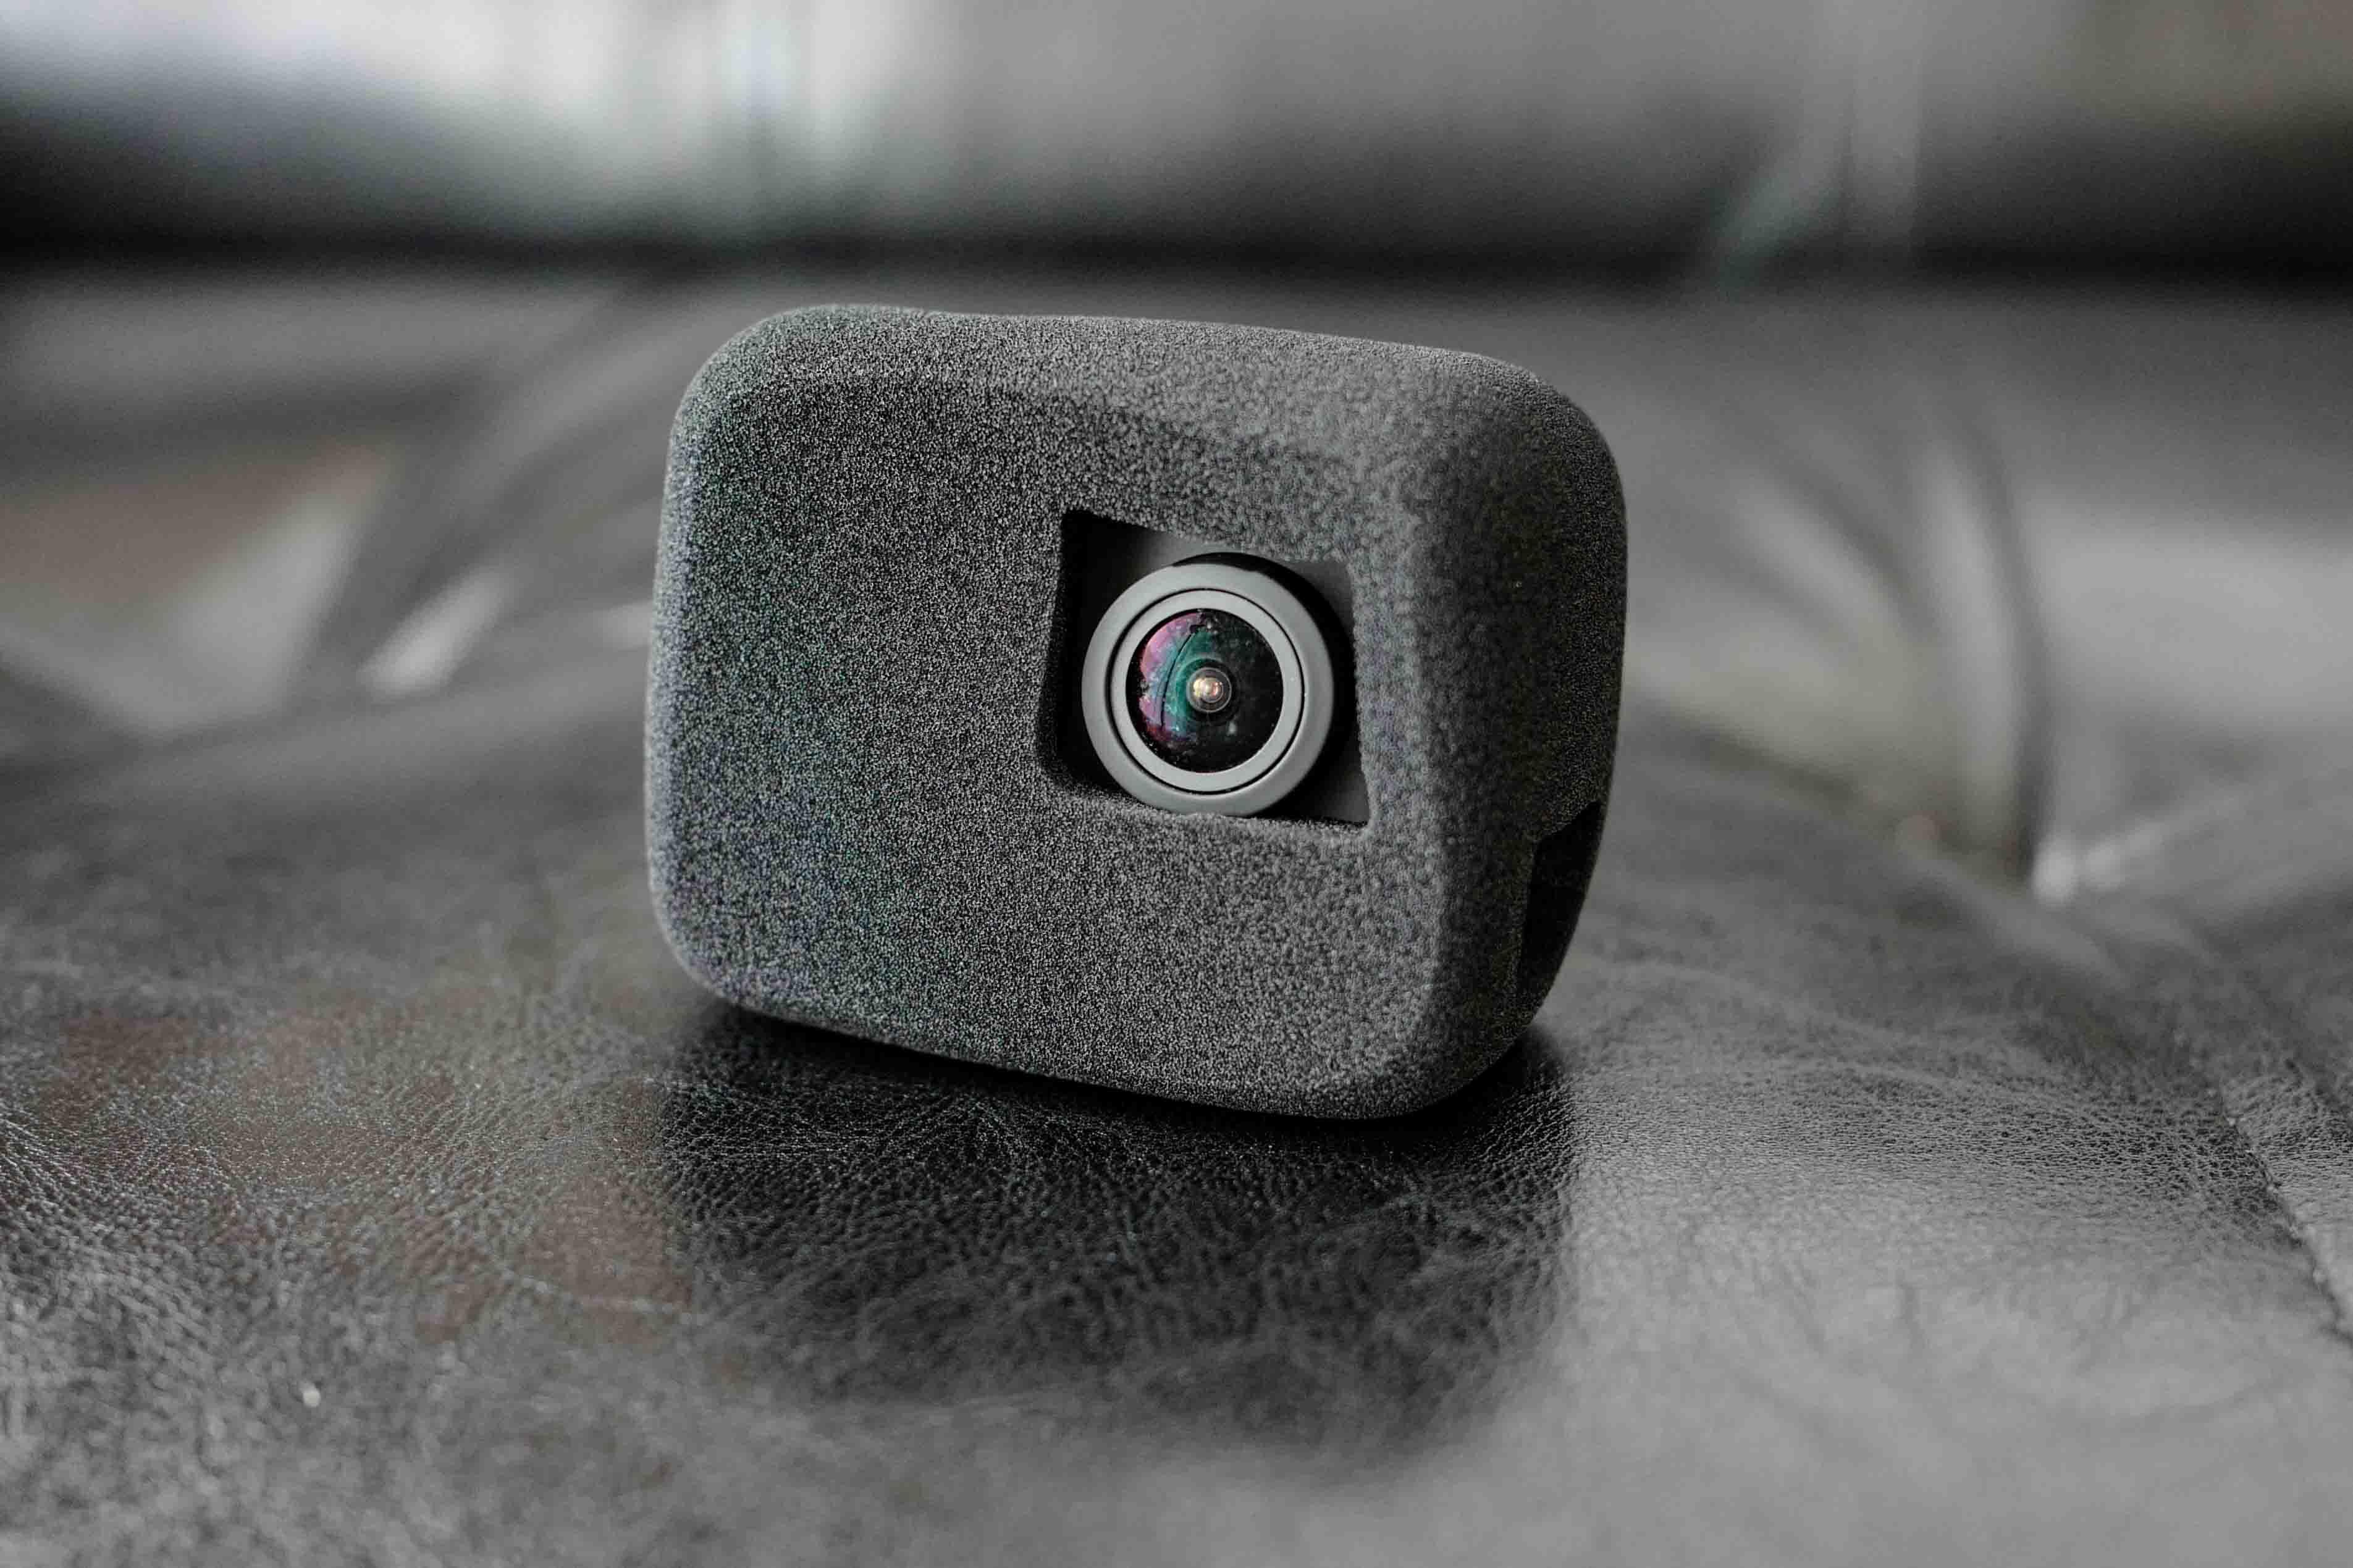 【モトブログで風切音を劇的に削減!】GoPro用 防風スポンジケース  充電可能タイプの効果を動画で見てみよう!